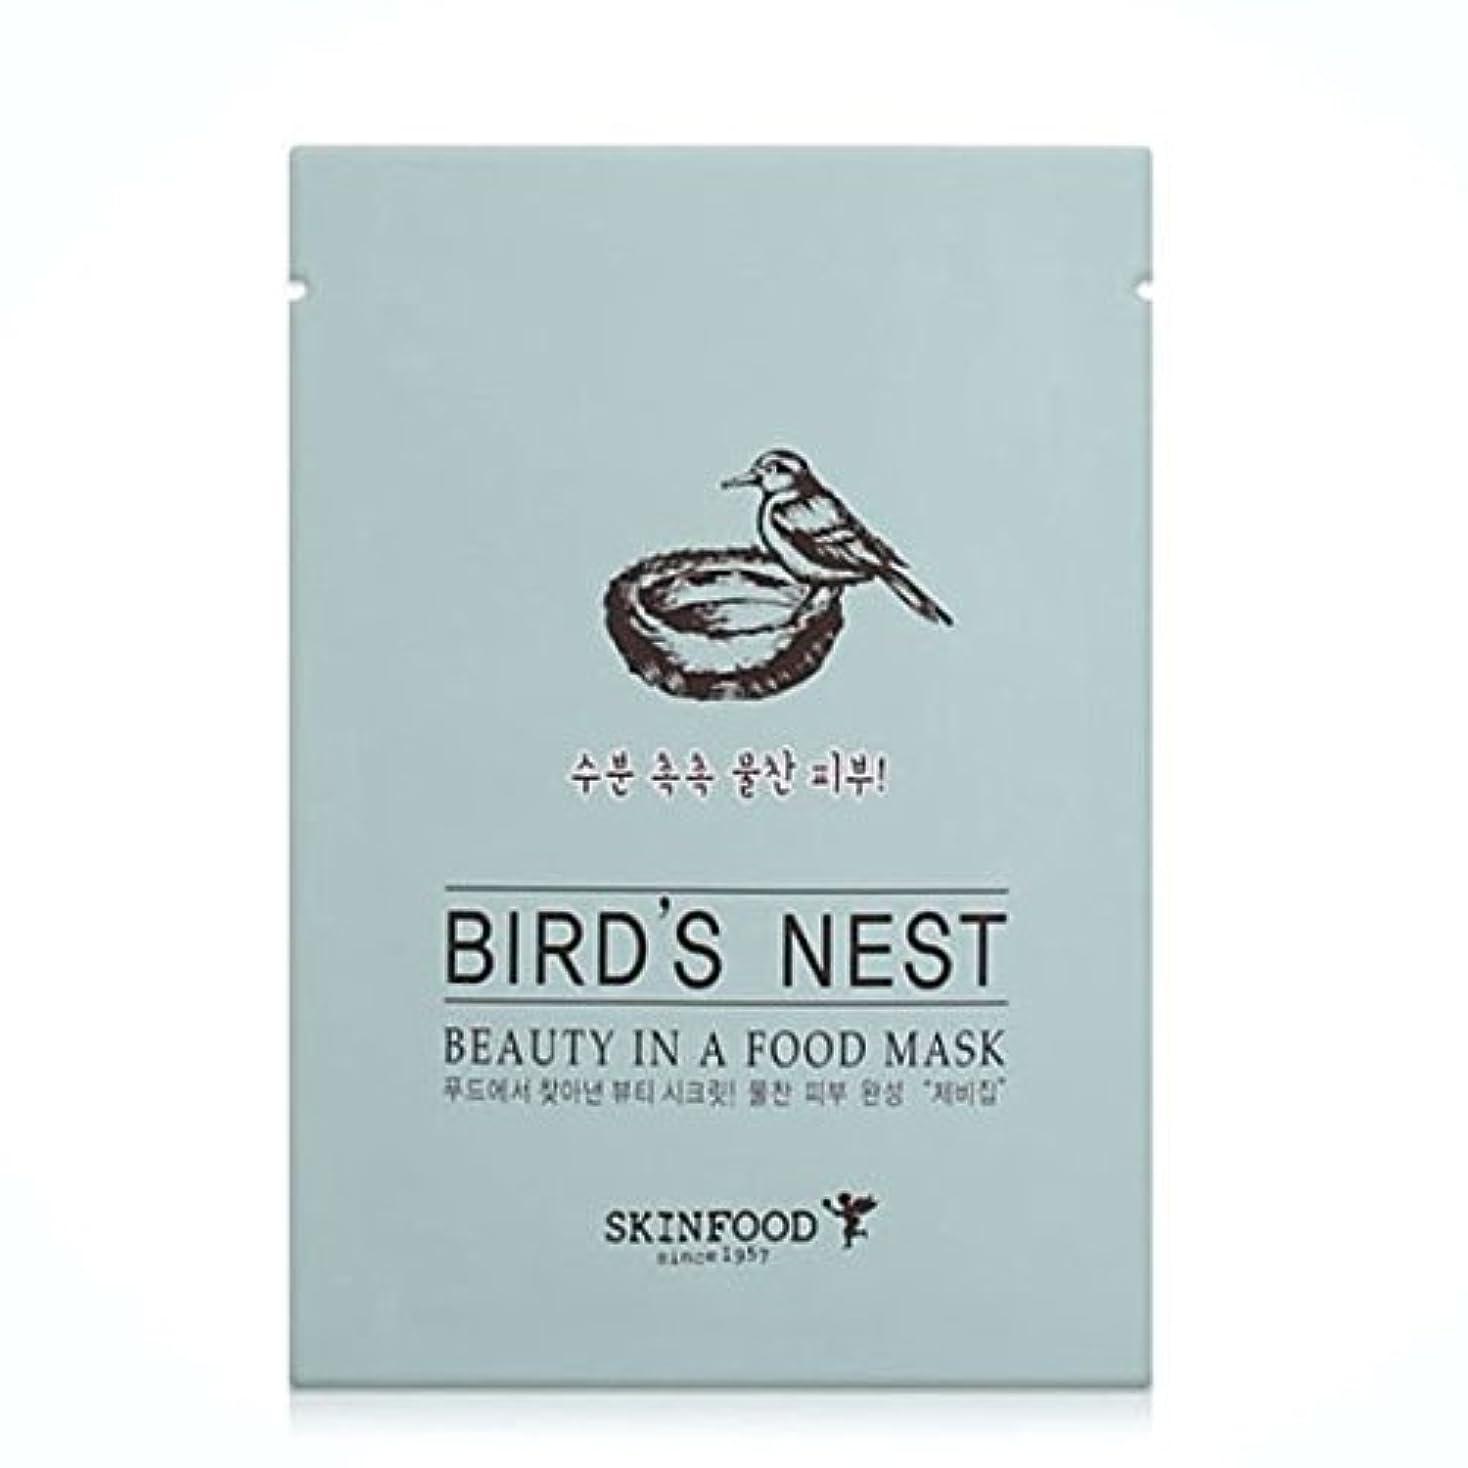 スキンフード (SKINFOOD) ビューティインアフード マスクシート ツバメの巣(シートマスク)